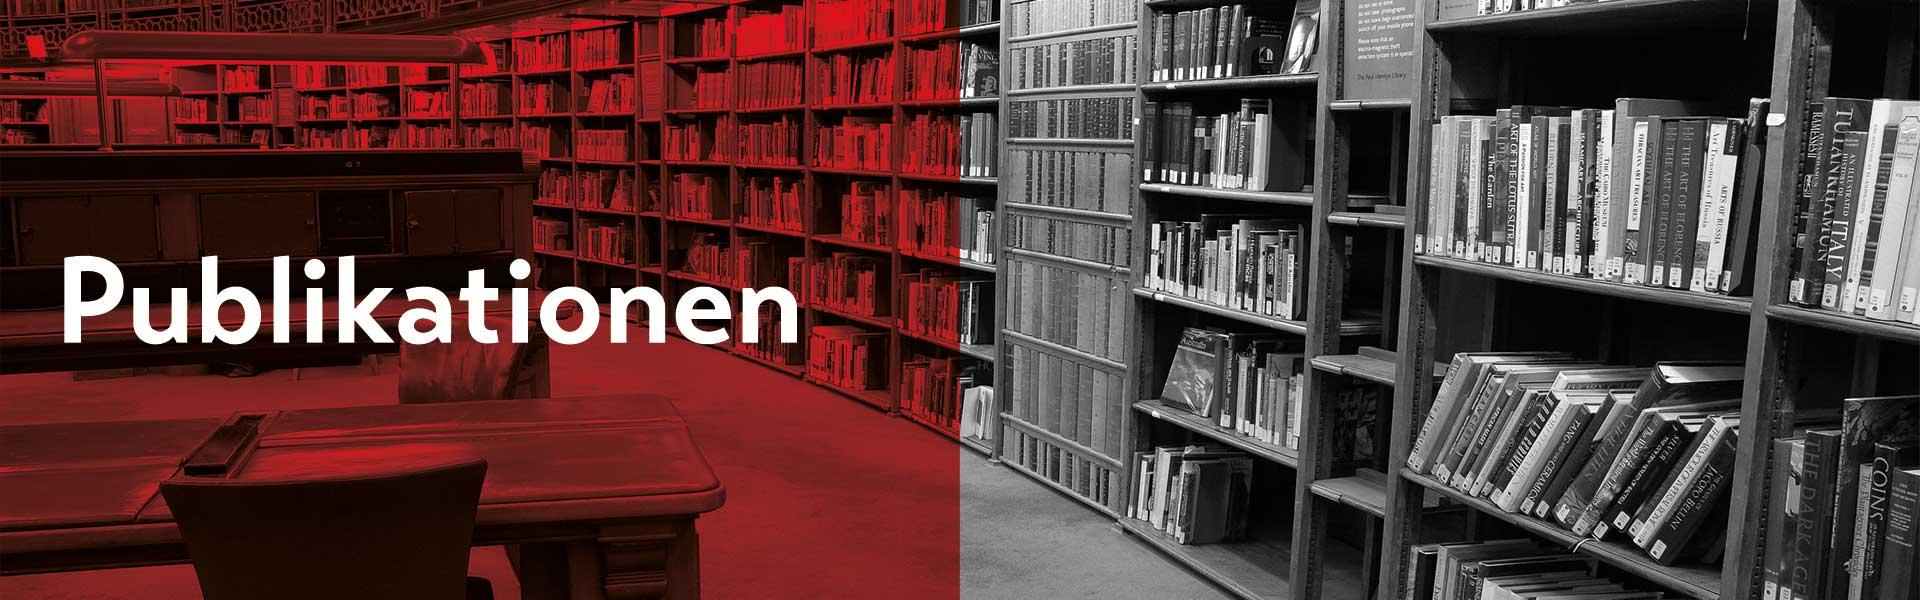 """Die linke Seite des Bildes ist rot eingefärbt mit dem Titel """"Publikation"""". Im Hintergrund sieht man eine alte  Bibliothek mit zwei Lesesessel im Vordergrund und einer weitläufige Bücherwand."""